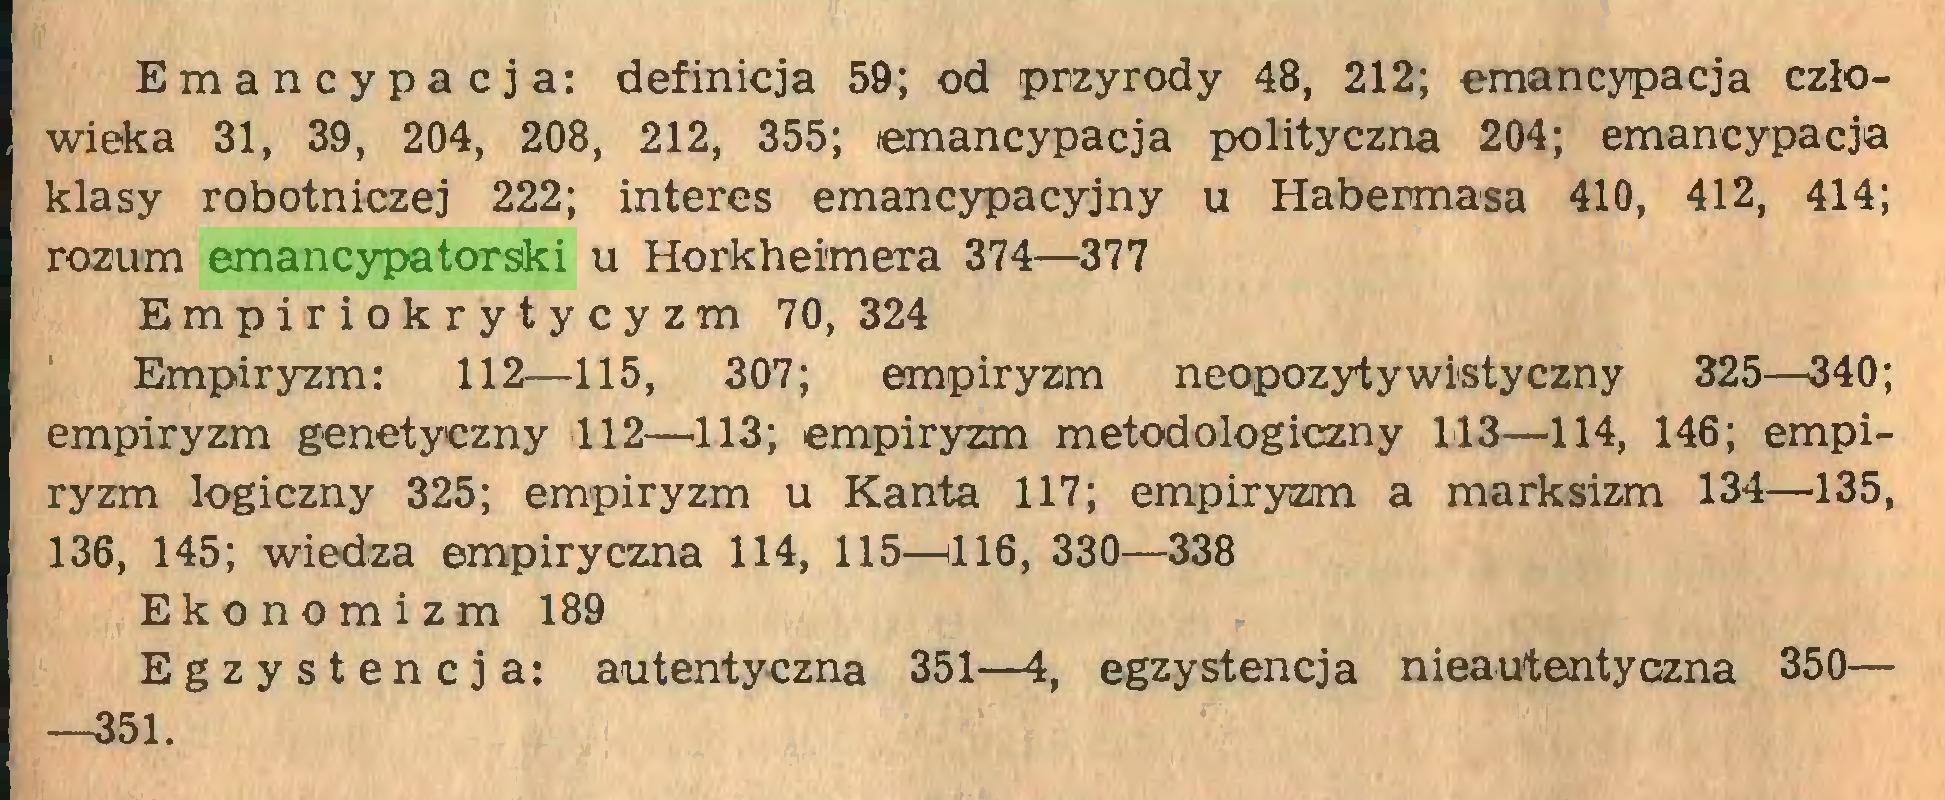 (...) Emancypacja: definicja 59; od przyrody 48, 212; emancypacja człowieka 31, 39, 204, 208, 212, 355; emancypacja polityczna 204; emancypacja klasy robotniczej 222; interes emancypacyjny u Habermasa 410, 412, 414; rozum emancypatorski u Horkheimera 374—377 Empiriokrytycyzm 70, 324 Empiryzm: 112—115, 307; empiryzm neopozytywistyczny 325—340; empiryzm genetyczny 112—113; empiryzm metodologiczny 113—114, 146; empiryzm logiczny 325; empiryzm u Kanta 117; empiryzm a marksizm 134—135, 136, 145; wiedza empiryczna 114, 115—416, 330—338 Ekonomizm 189 Egzystencja: autentyczna 351—4, egzystencja nieautentyczna 350— —351...